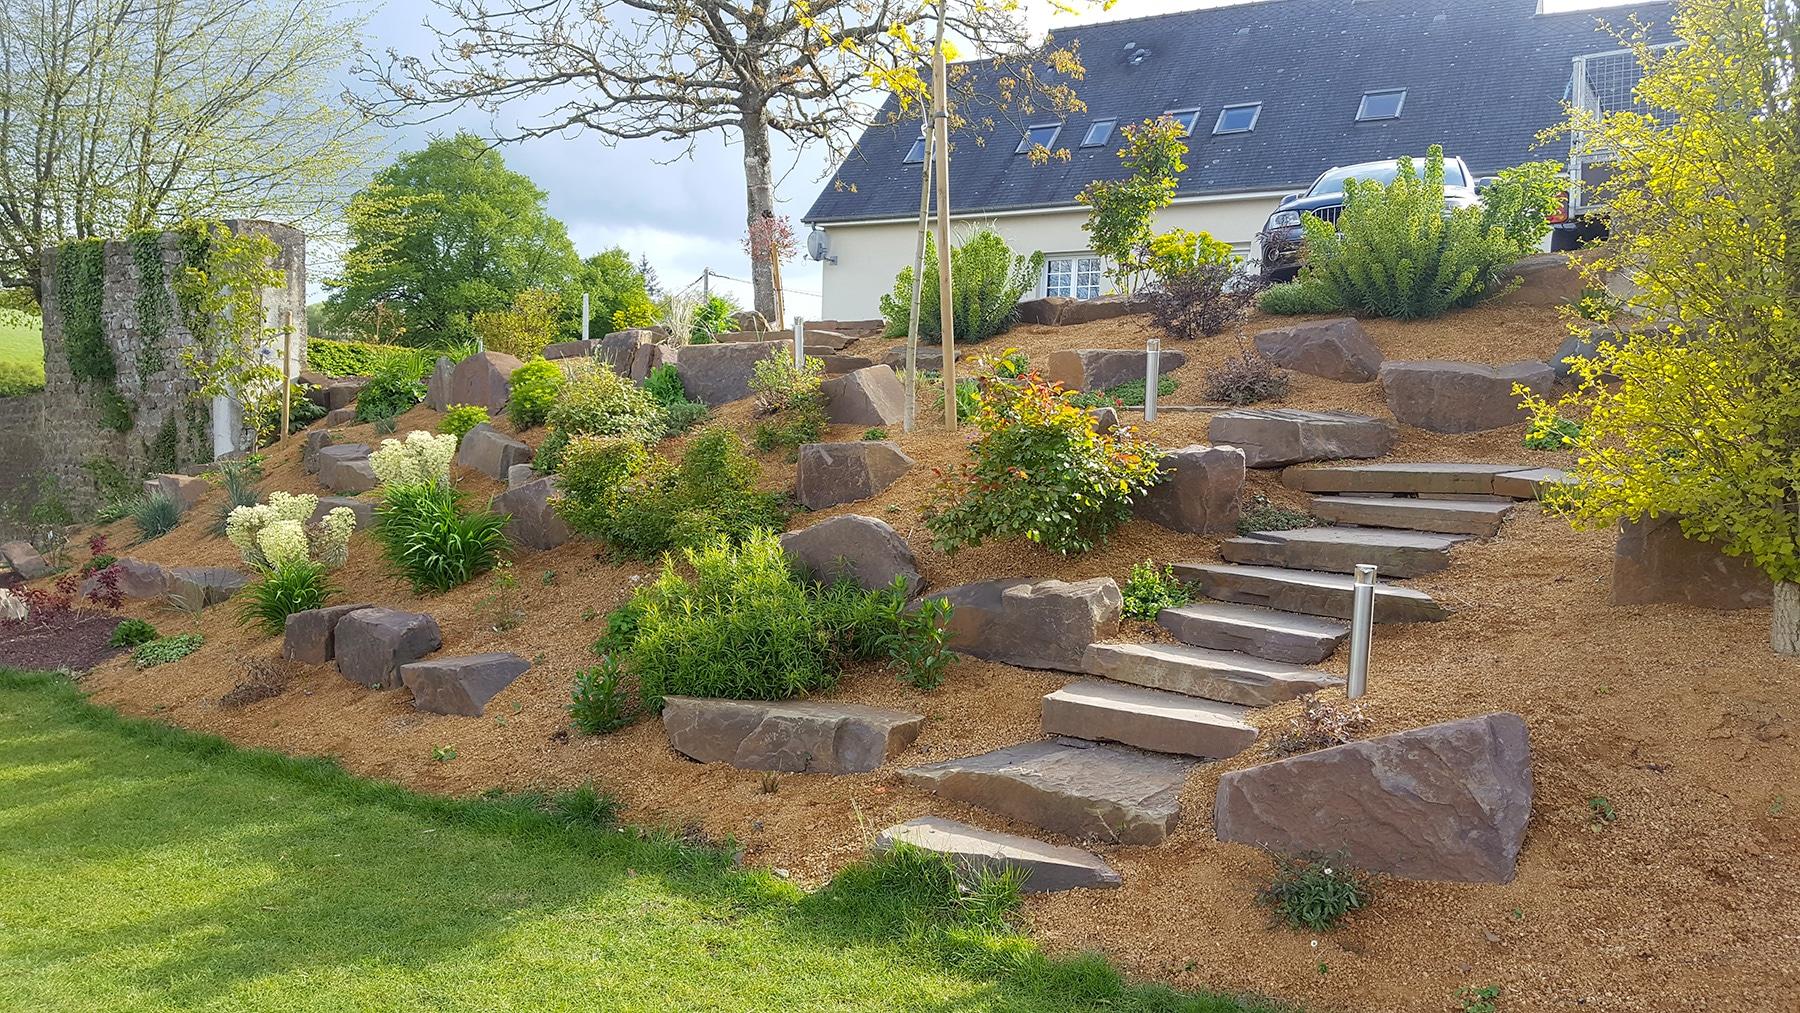 Rocaille De Jardin - Plante De Rocaille | Paysages Conseil encequiconcerne Comment Creer Un Jardin Paysager